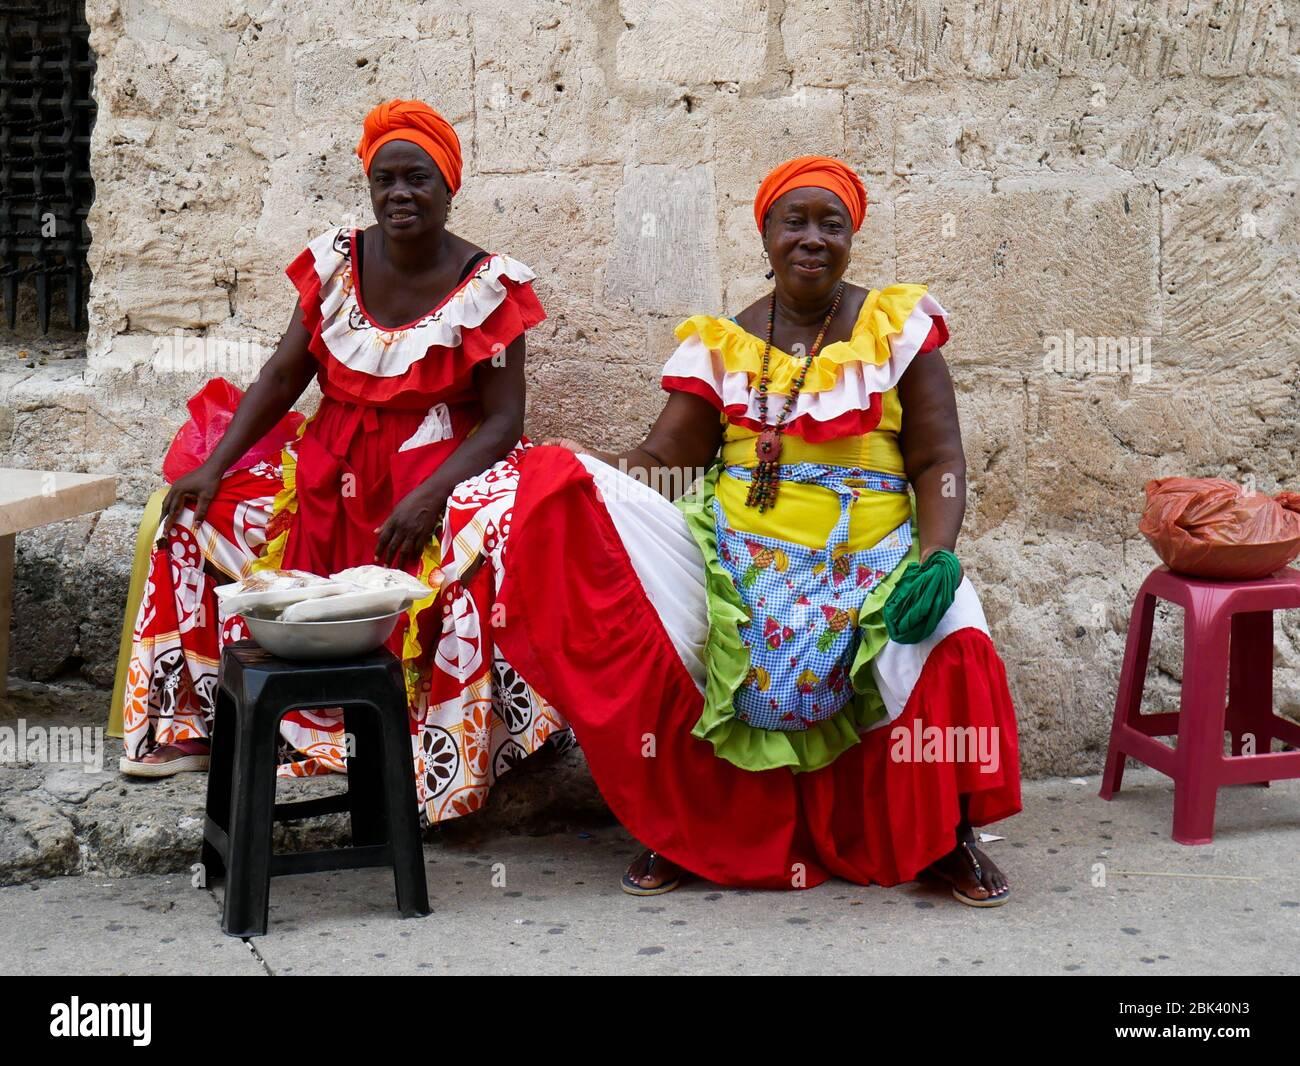 Cartagena, Colombia, 1 de agosto de 2019: Dos palenqueras vendedores callejeros de frutas típicas con vestidos de colores sentados descansando desde el frente Foto de stock